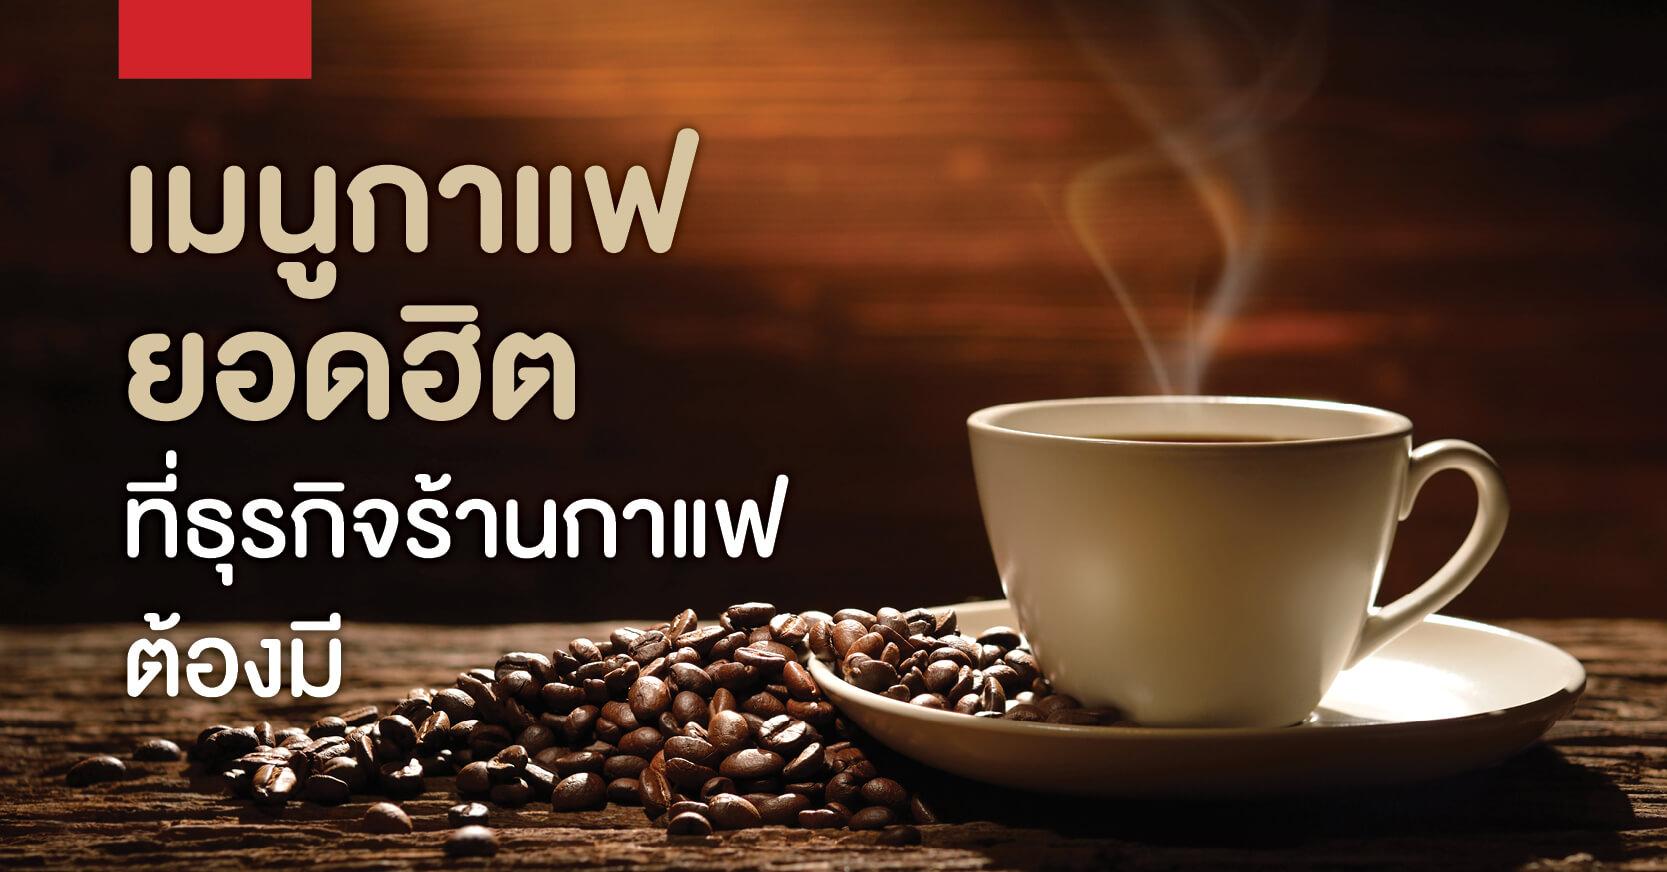 มีนาคม เมนูกาแฟ